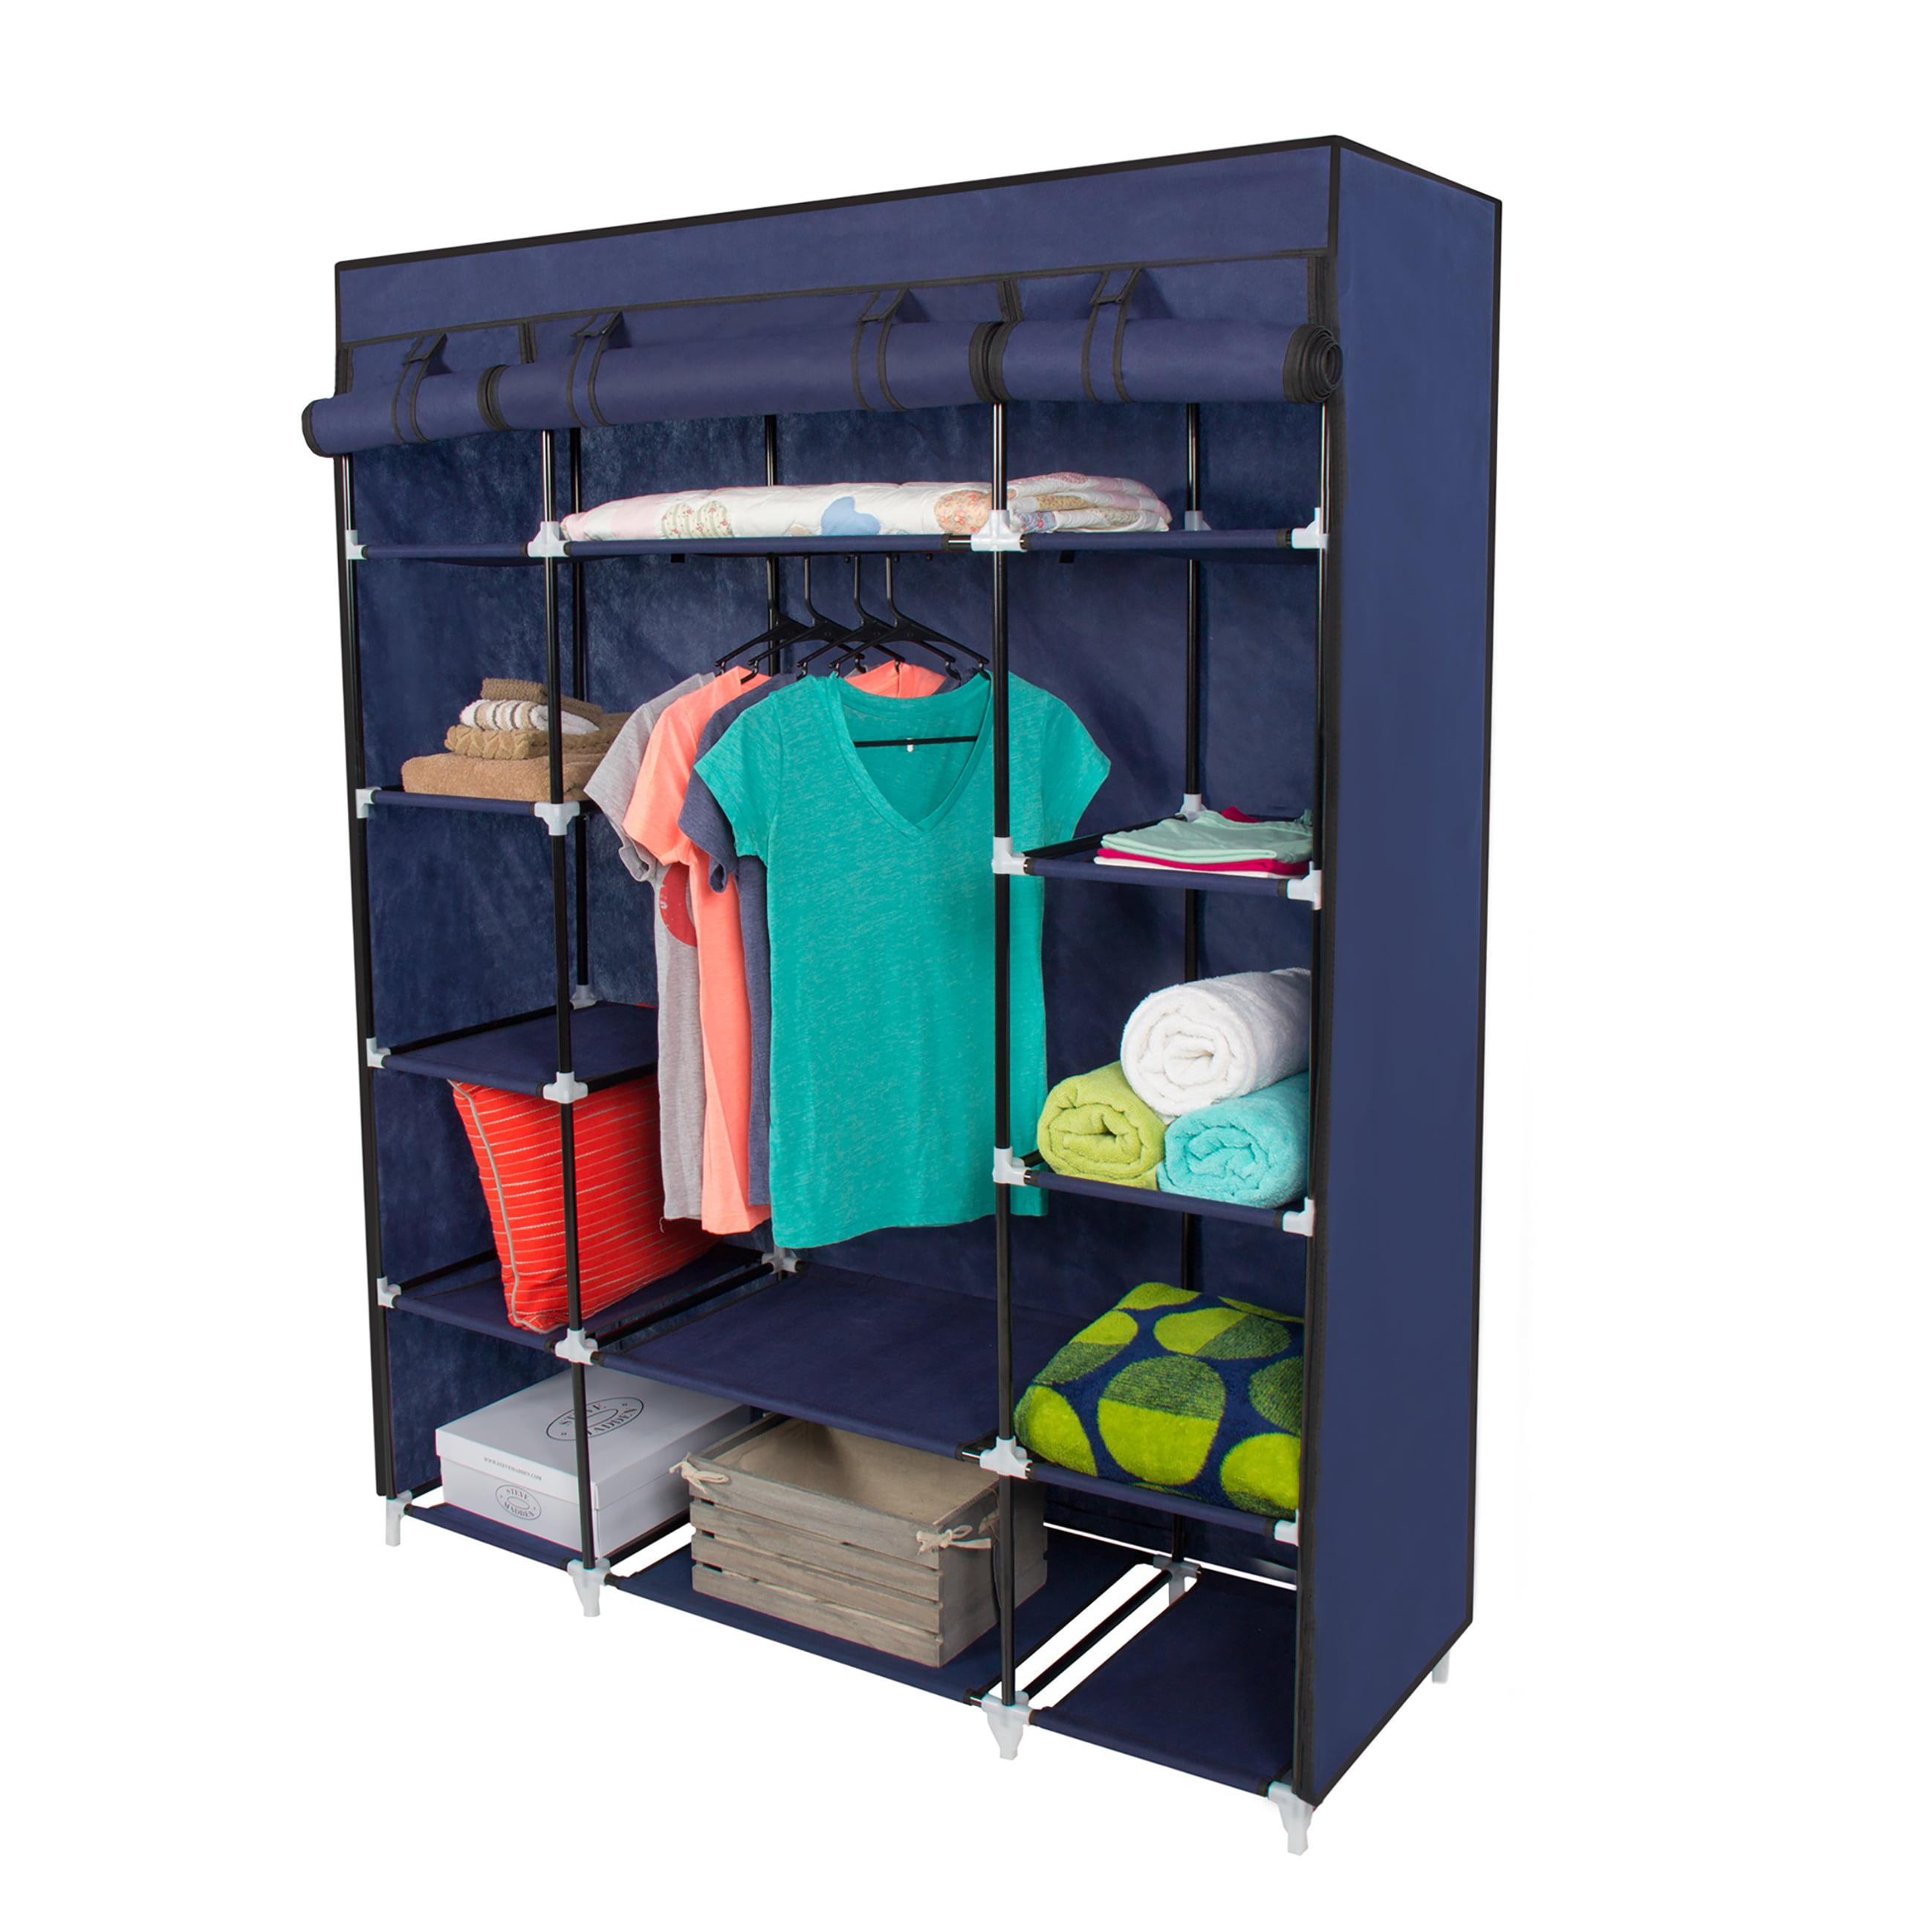 53    Portable Closet Storage Organizer Wardrobe Clothes Rack With Shelves  Blue - Walmart.com